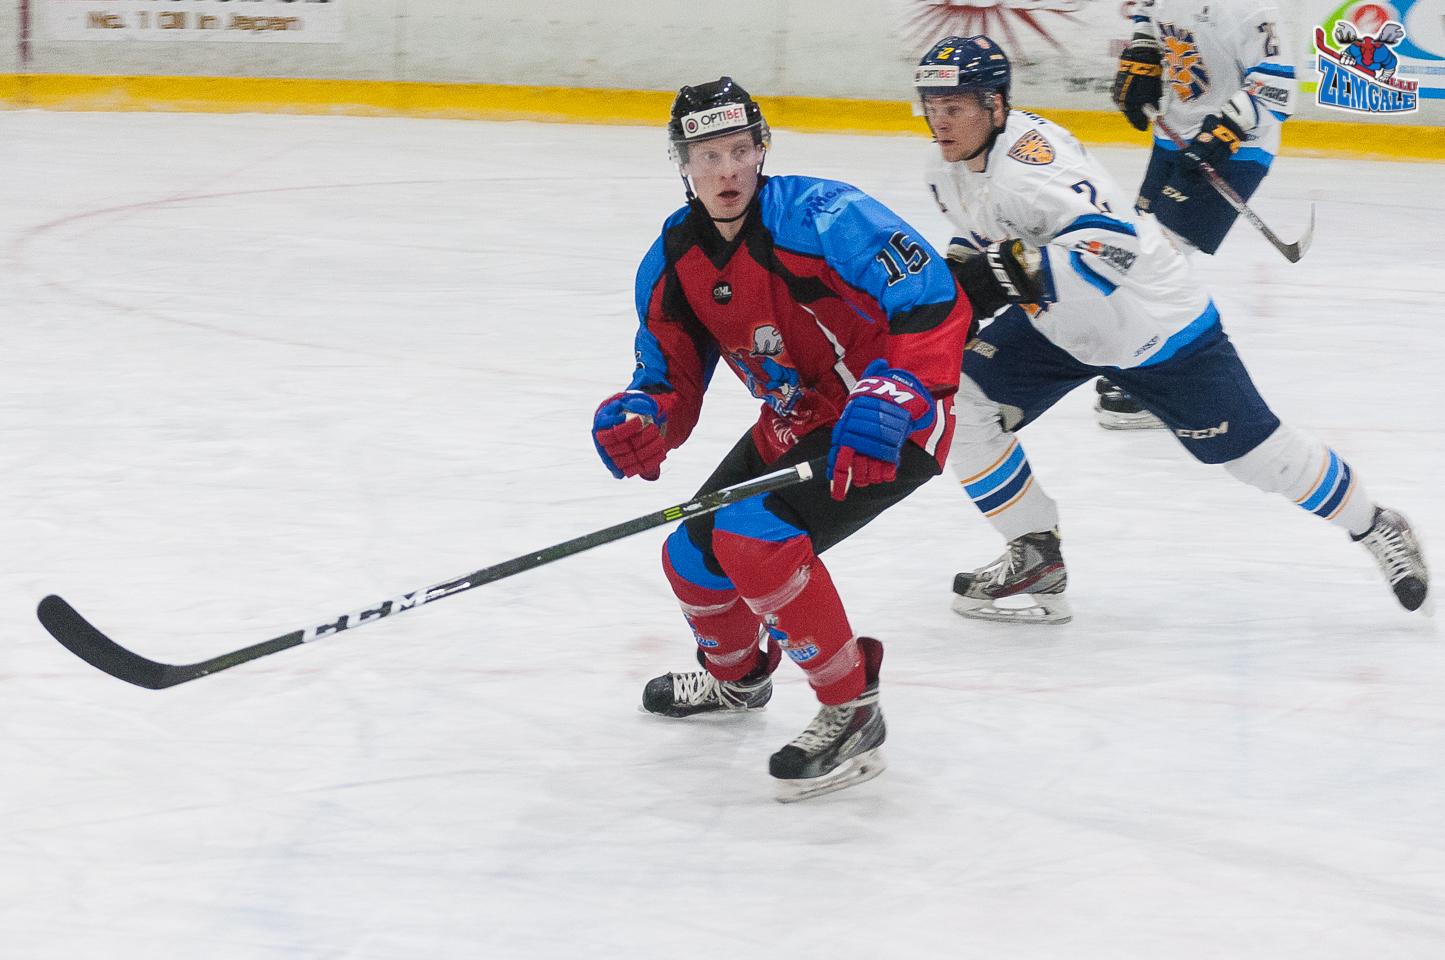 Optibet hokeja līgas regulārā čempionāta spēlē Zemgale/LLU uzvar HS Rīga ar rezultētu 2:0 Jelgavas ledus hallē 2017. gada 25. oktobrī.